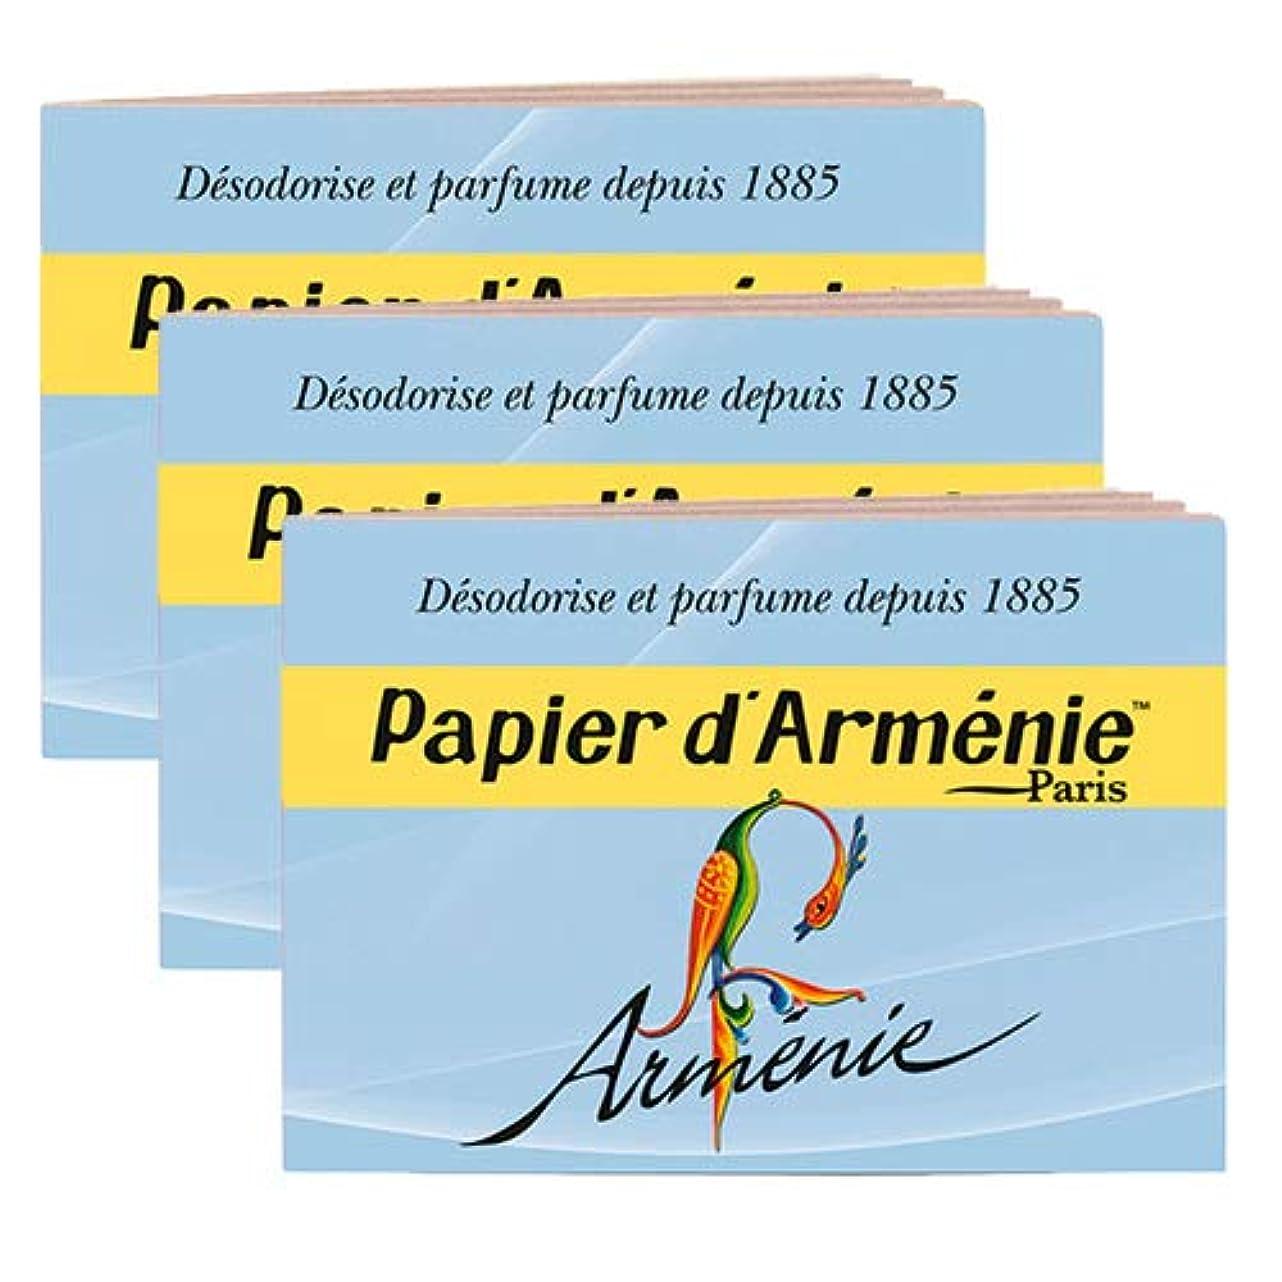 エンコミウム馬鹿げた薬を飲む【パピエダルメニイ】トリプル 3×12枚(36回分) 3個セット アルメニイ 紙のお香 インセンス アロマペーパー PAPIER D'ARMENIE [並行輸入品]